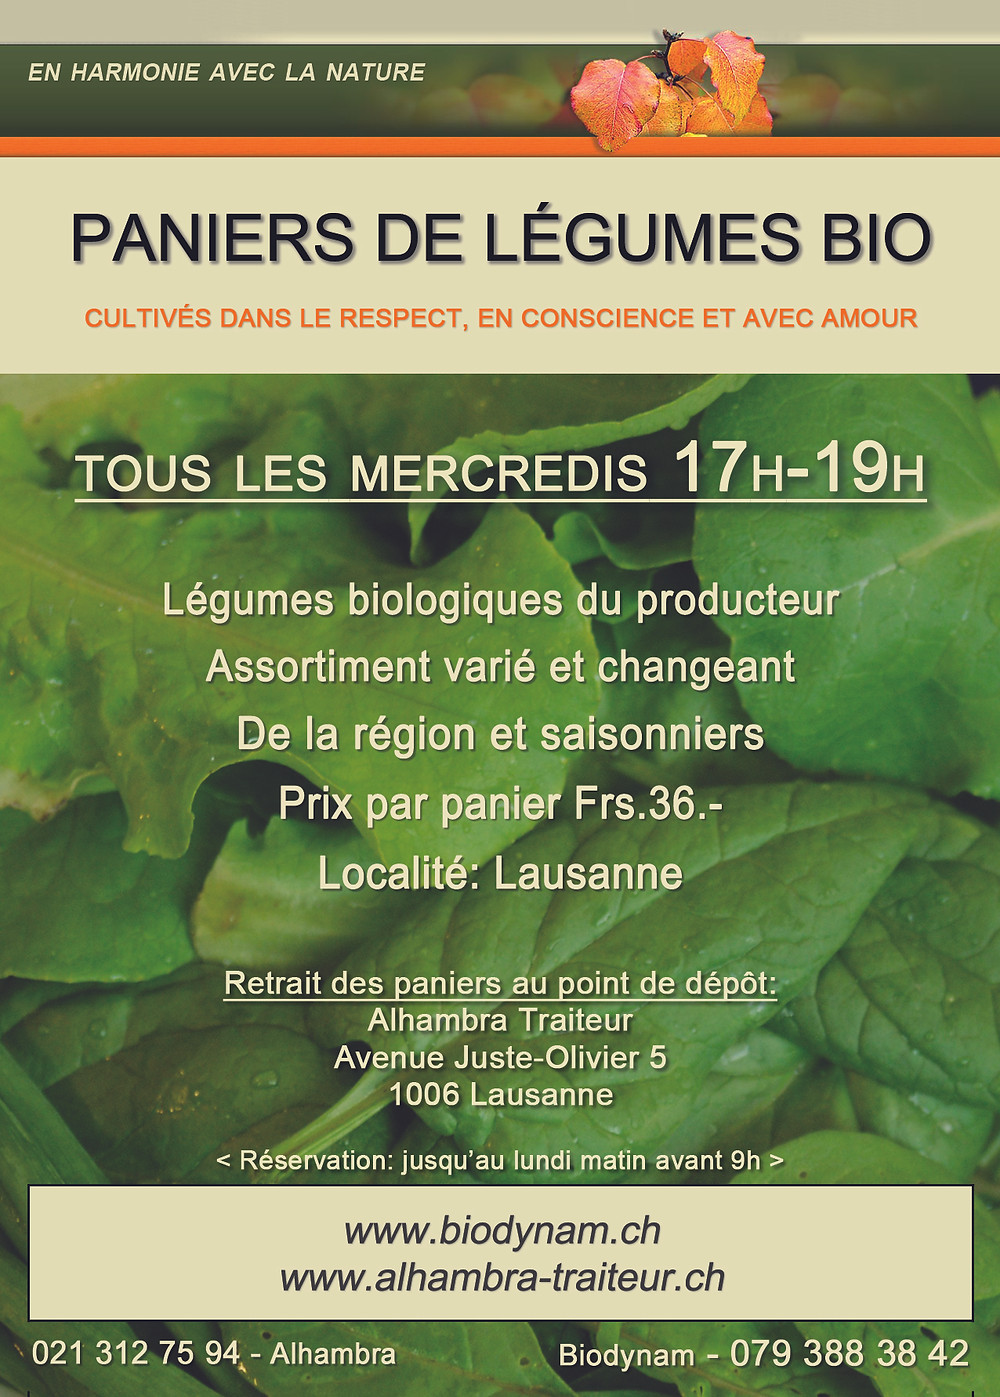 flyer paniers-legumes facebook.jpg